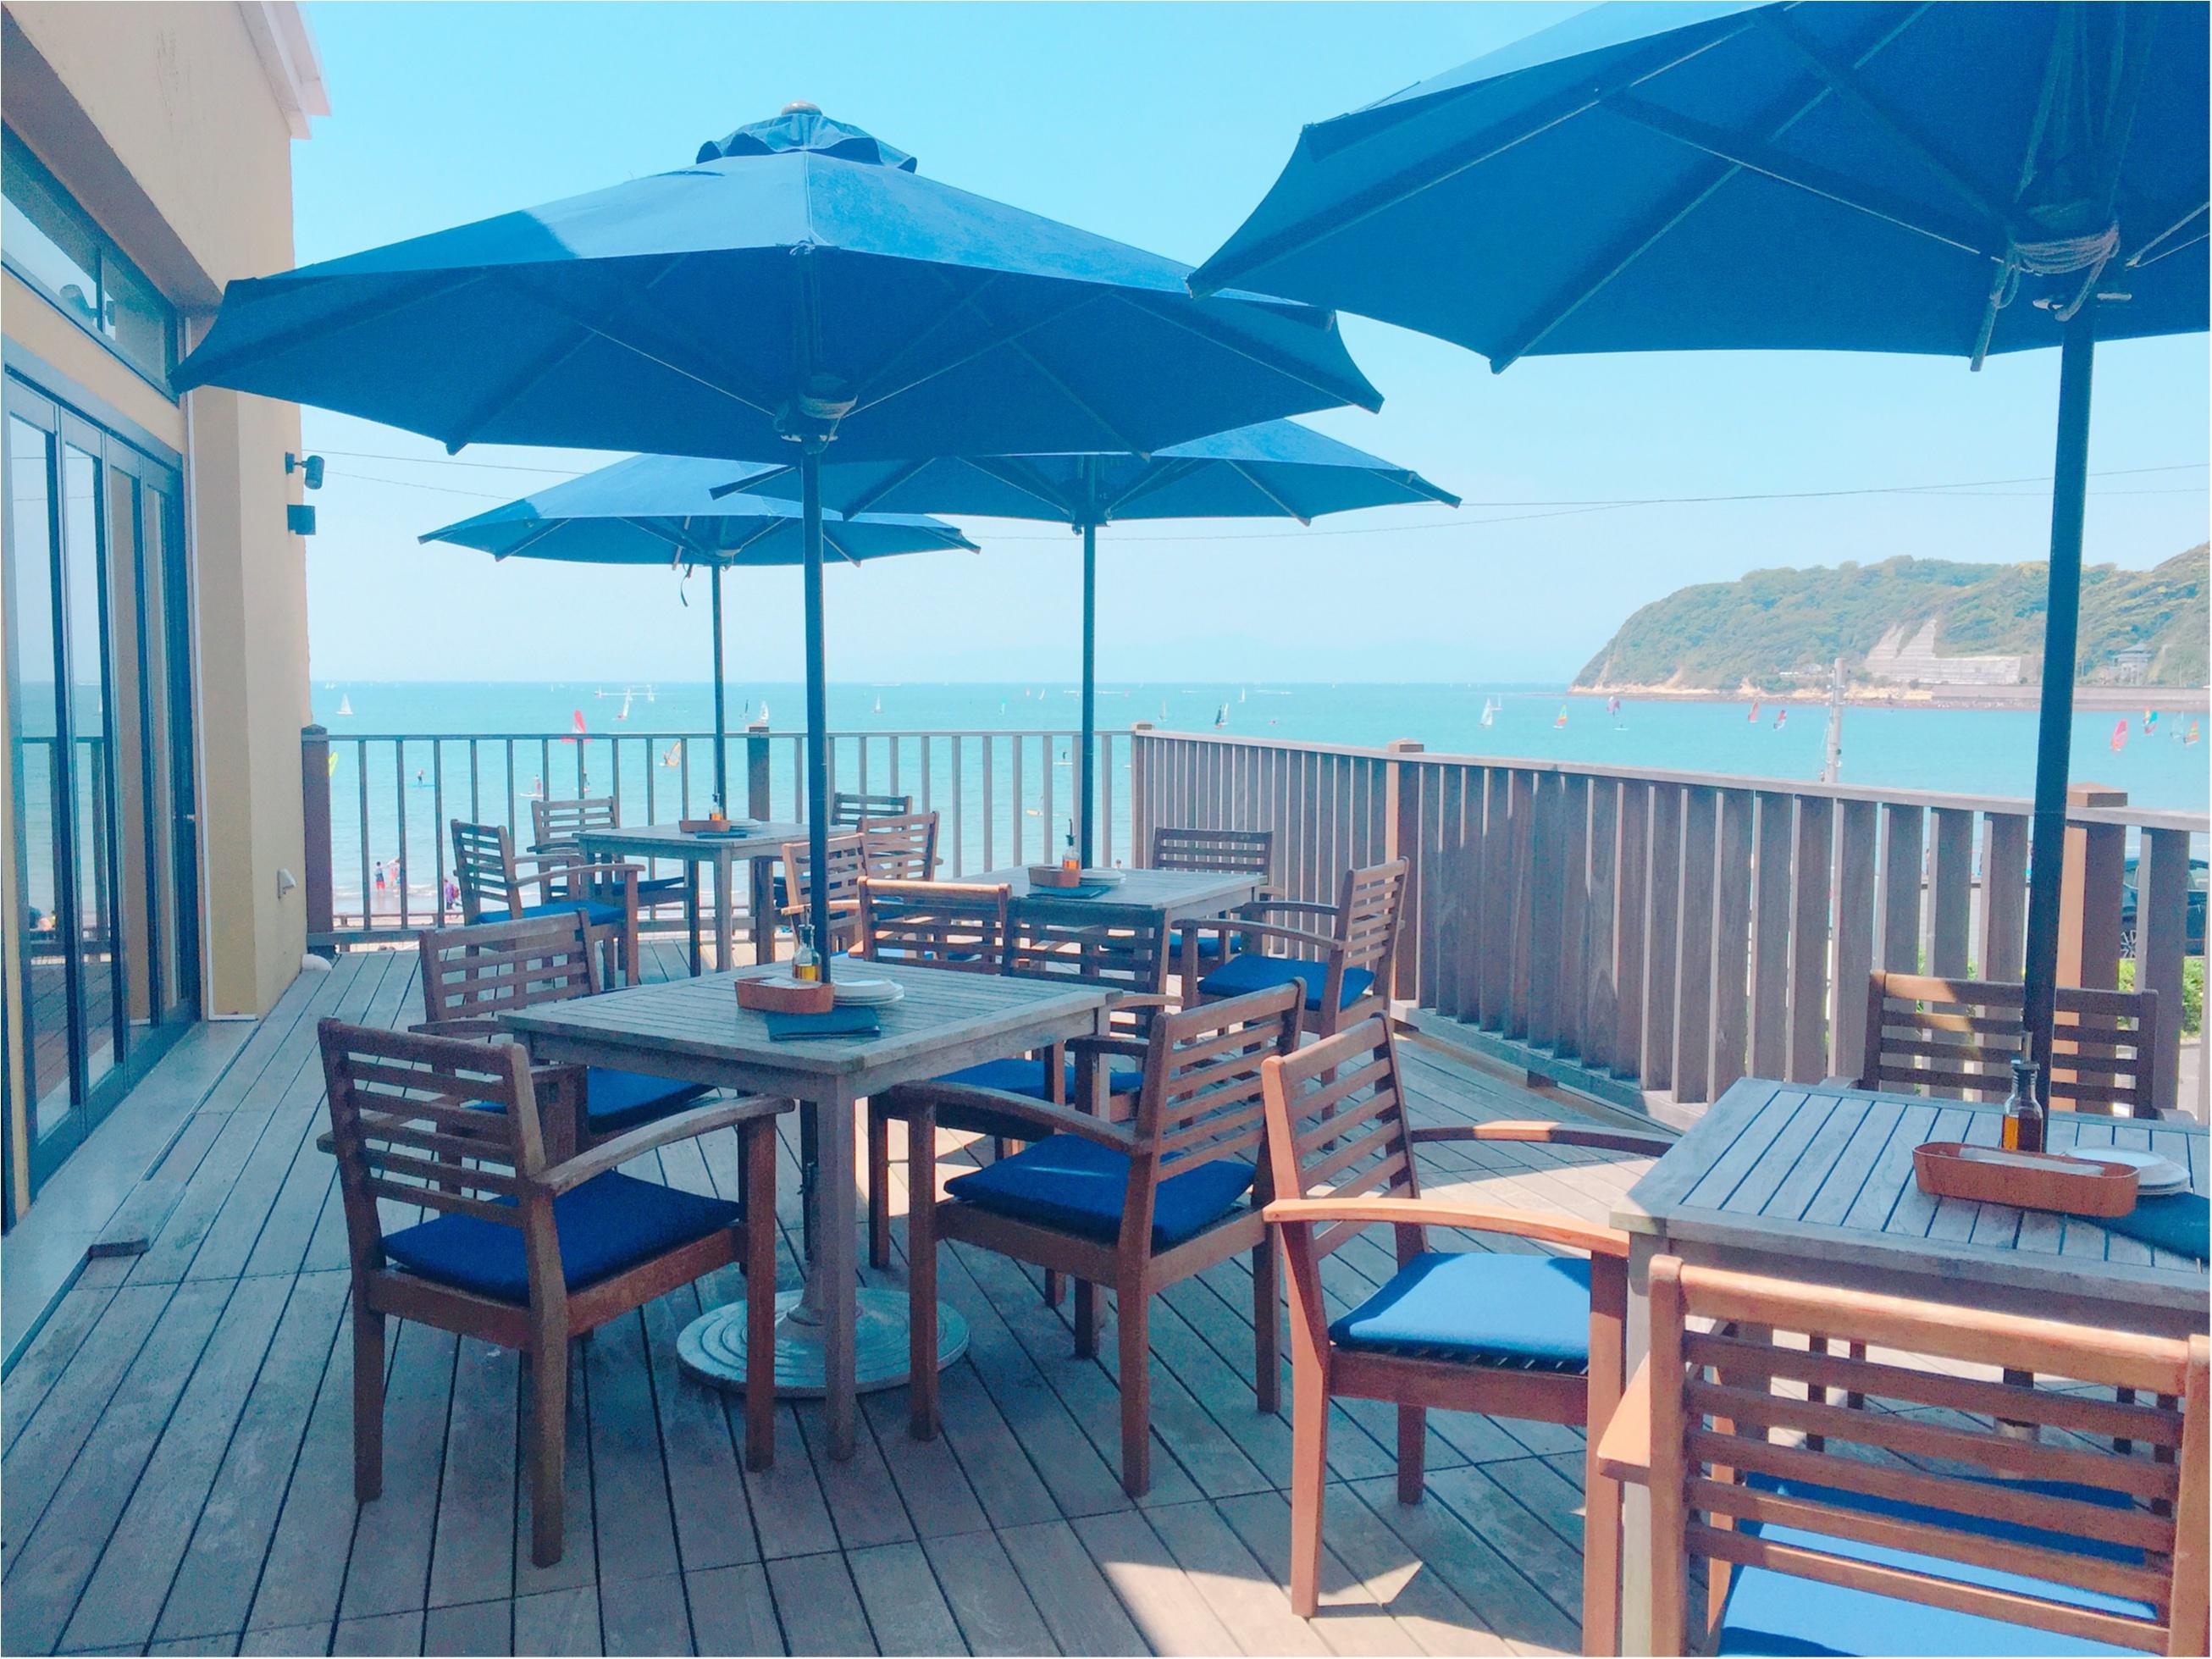 海が見えるテラス席があるレストラン♡逗子『CANTINA』のランチ✨_2_1